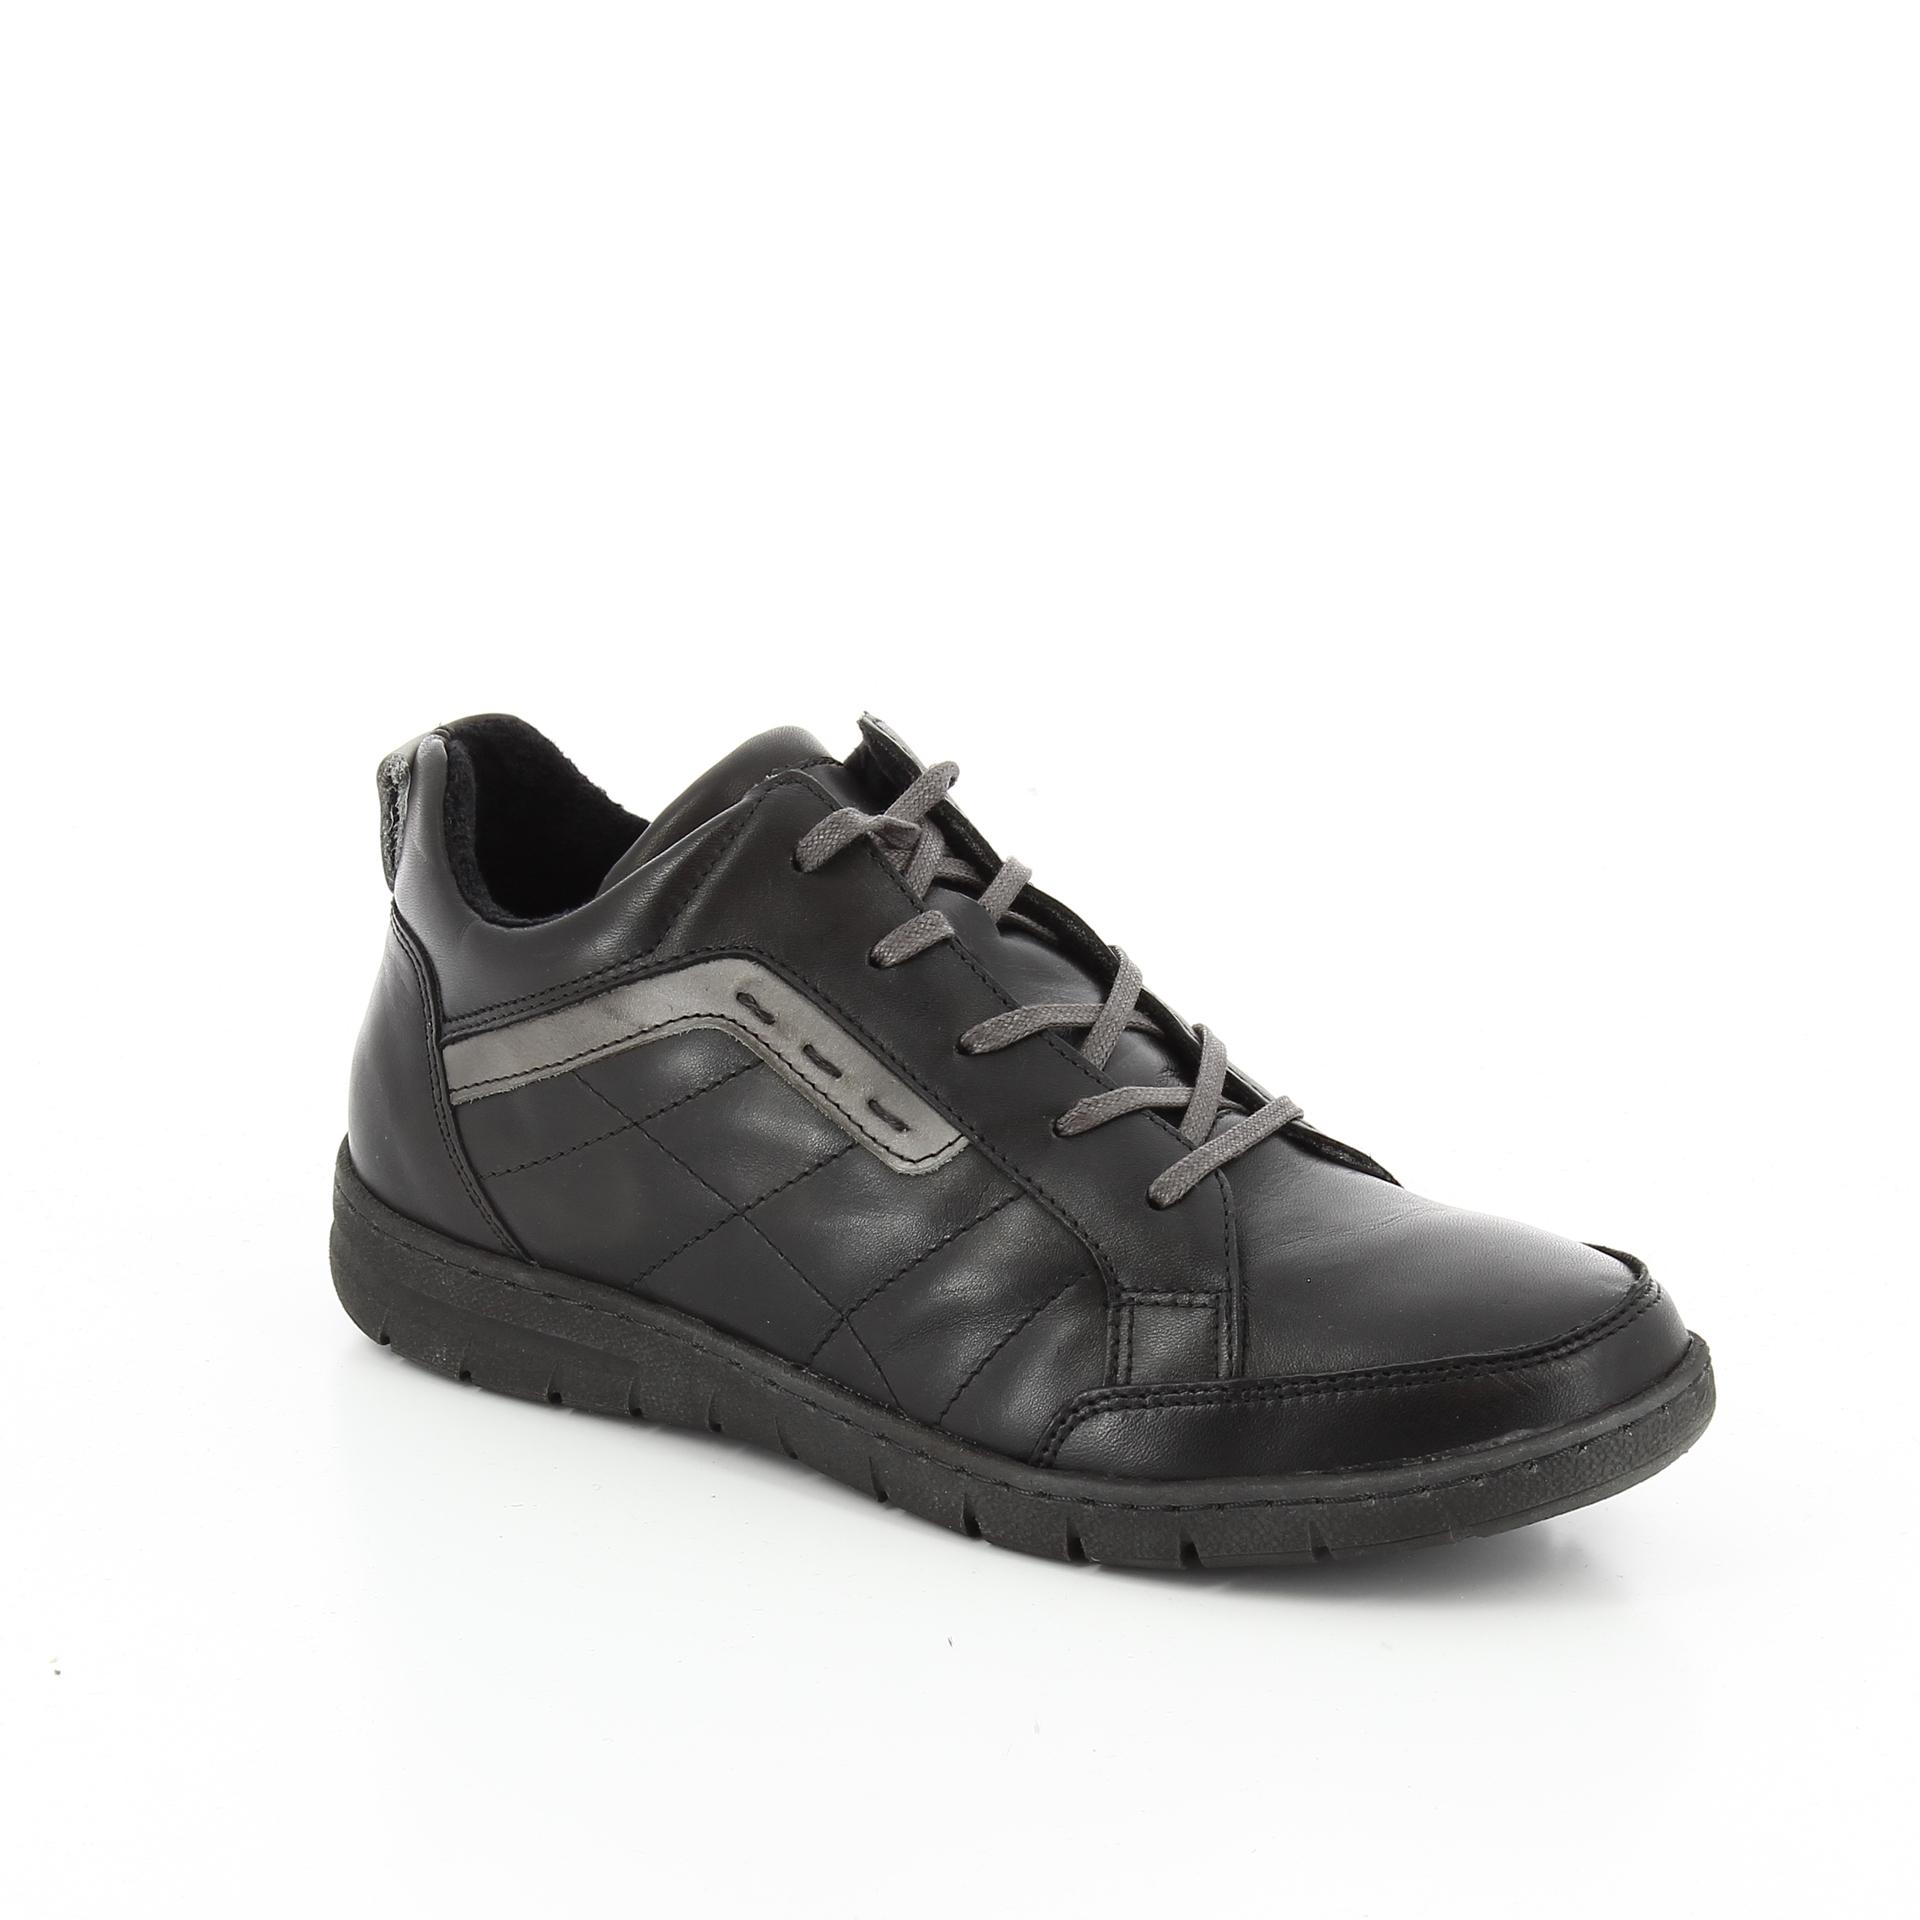 Bercolini Kényelmes cipők Jana, női száras